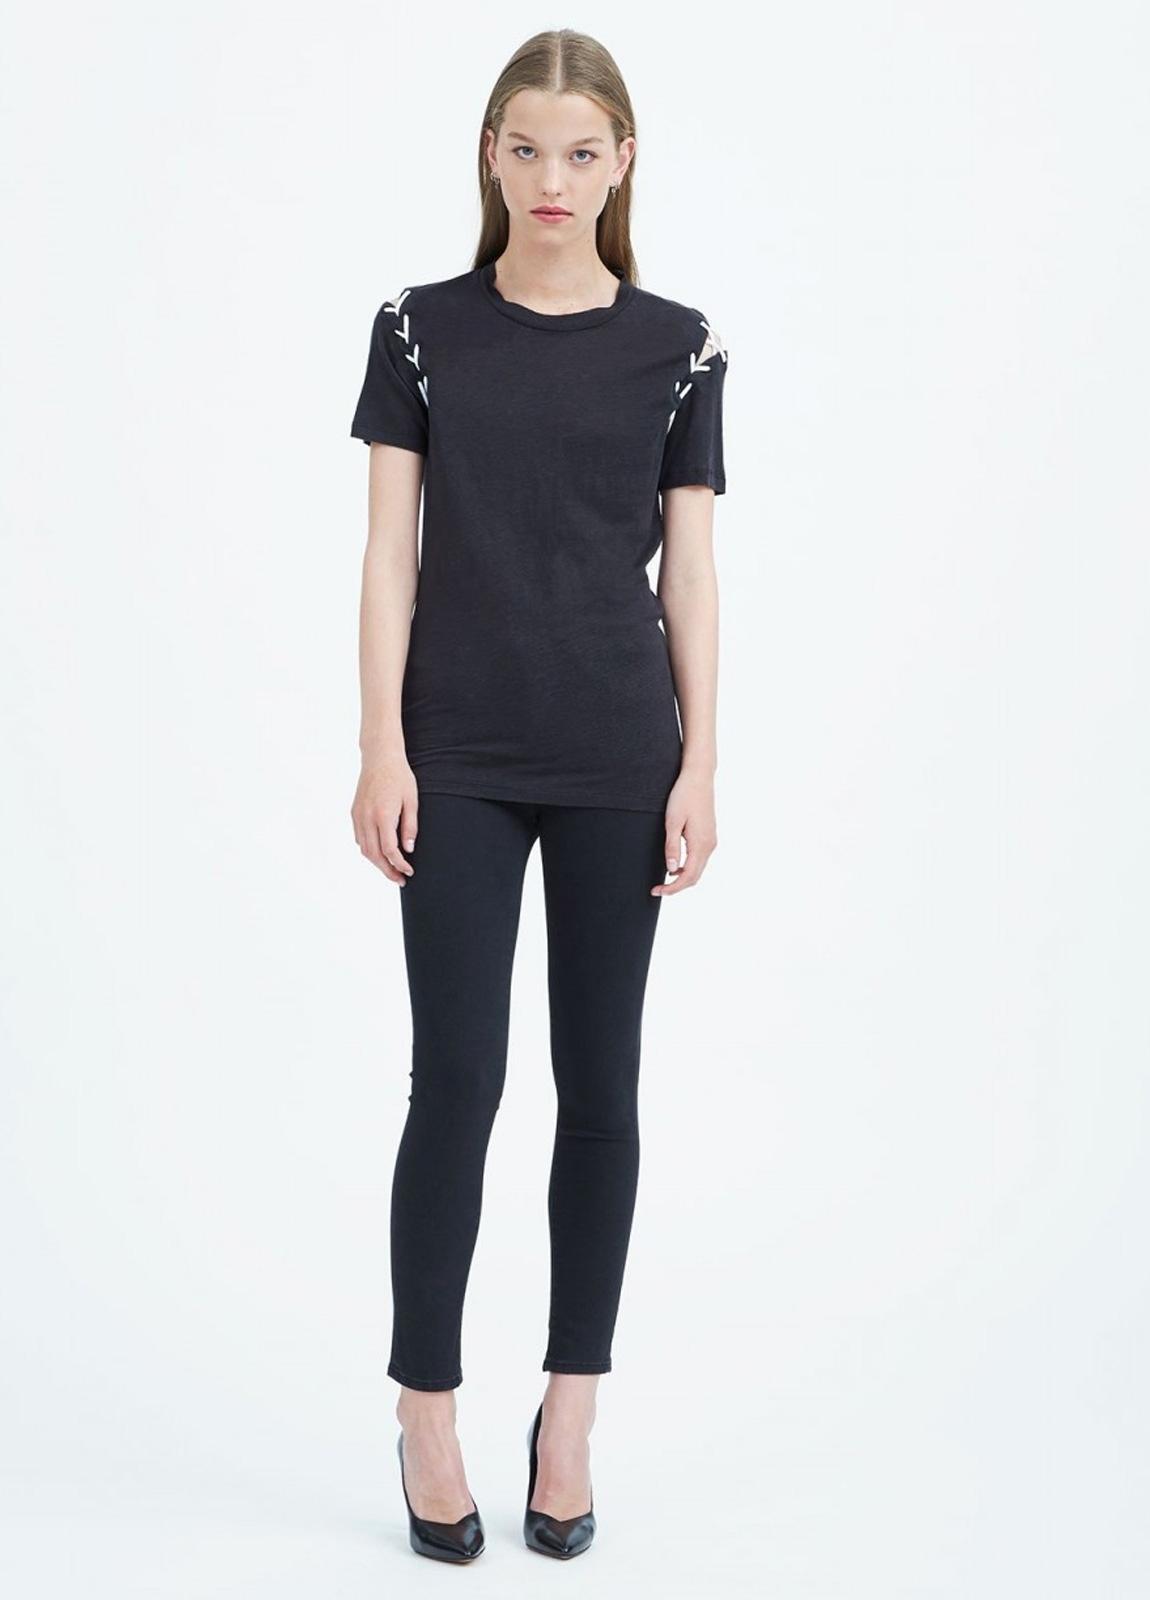 Camiseta manga corta woman color negro con cordones en hombros. 100% Lino. - Ítem3